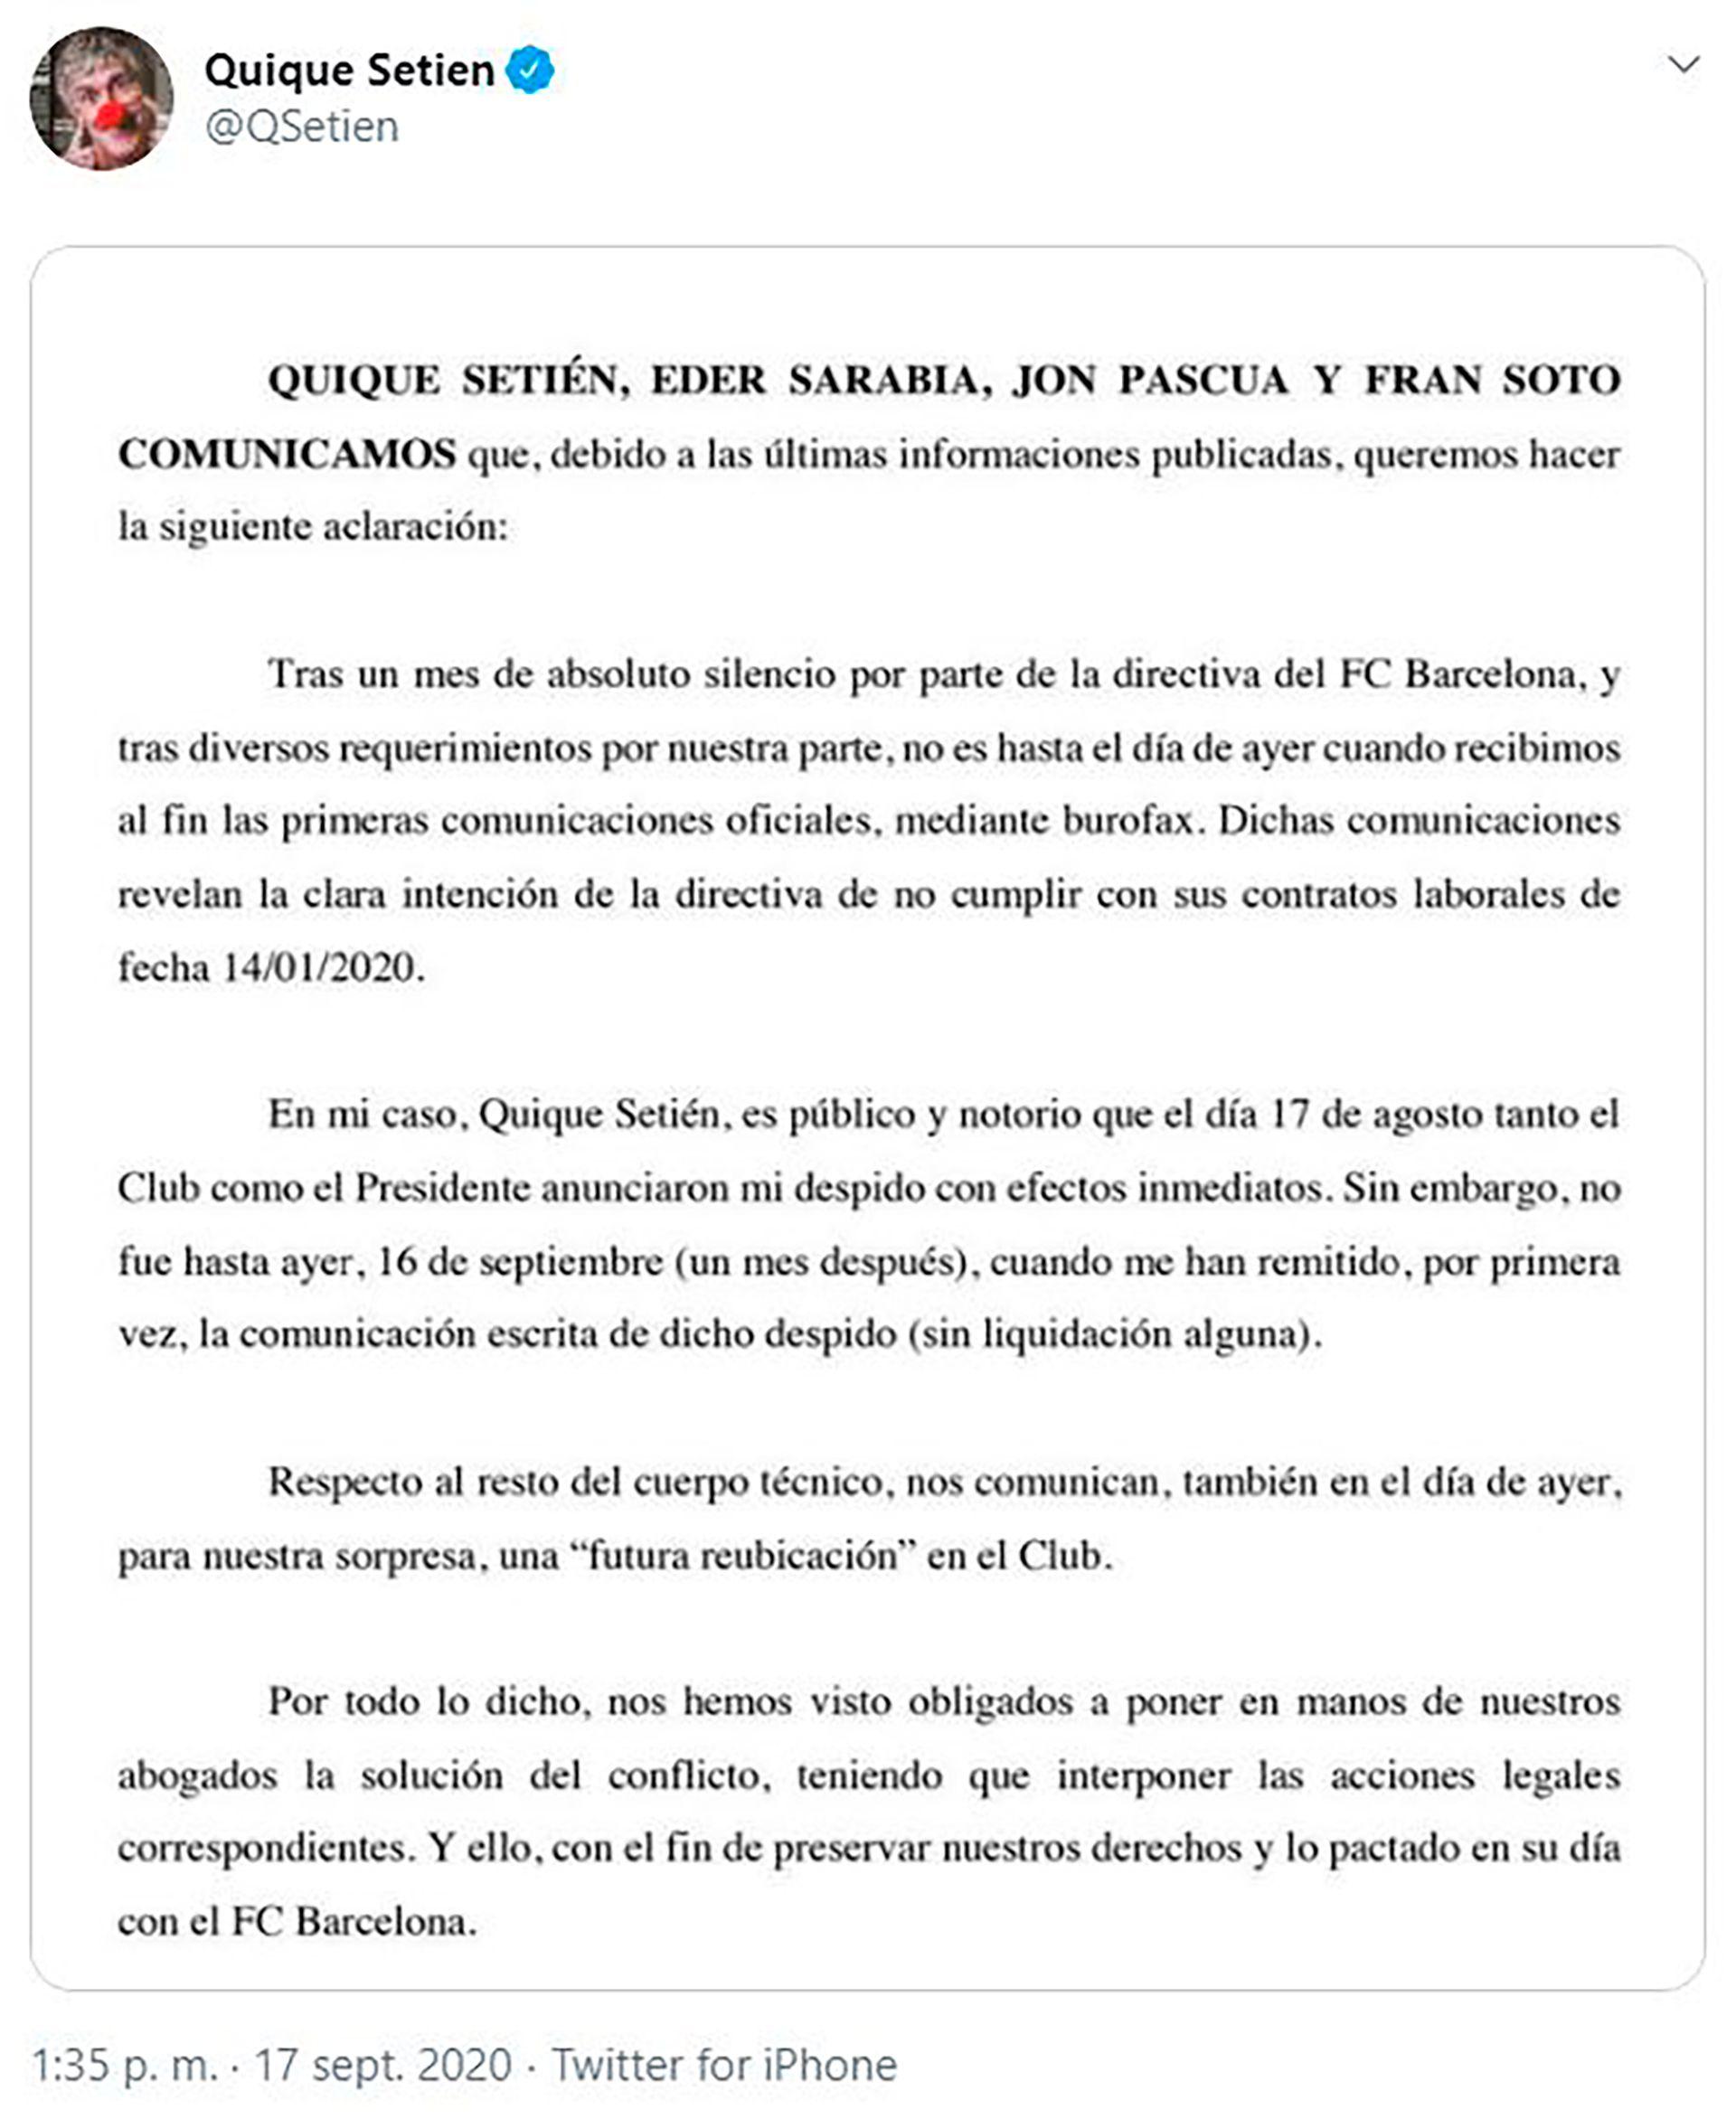 COMUNICADO DE SETIEN